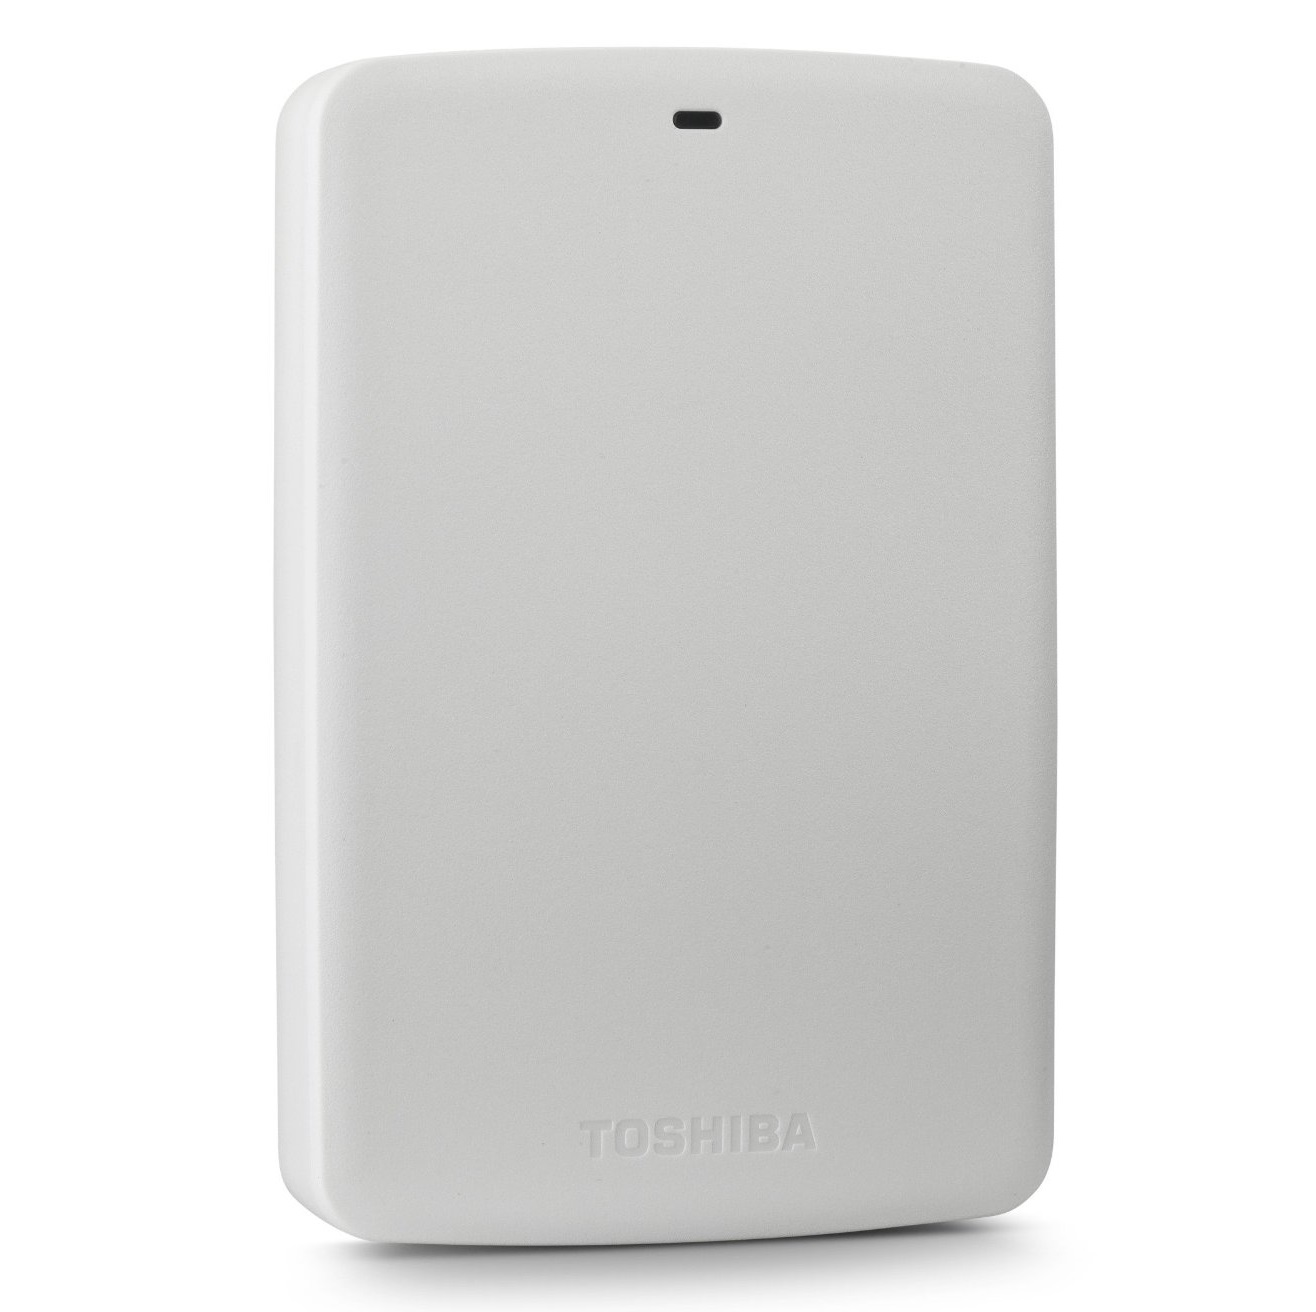 Ổ cứng di động Toshiba Canvio basic 1Tb USB3.0 Trắng